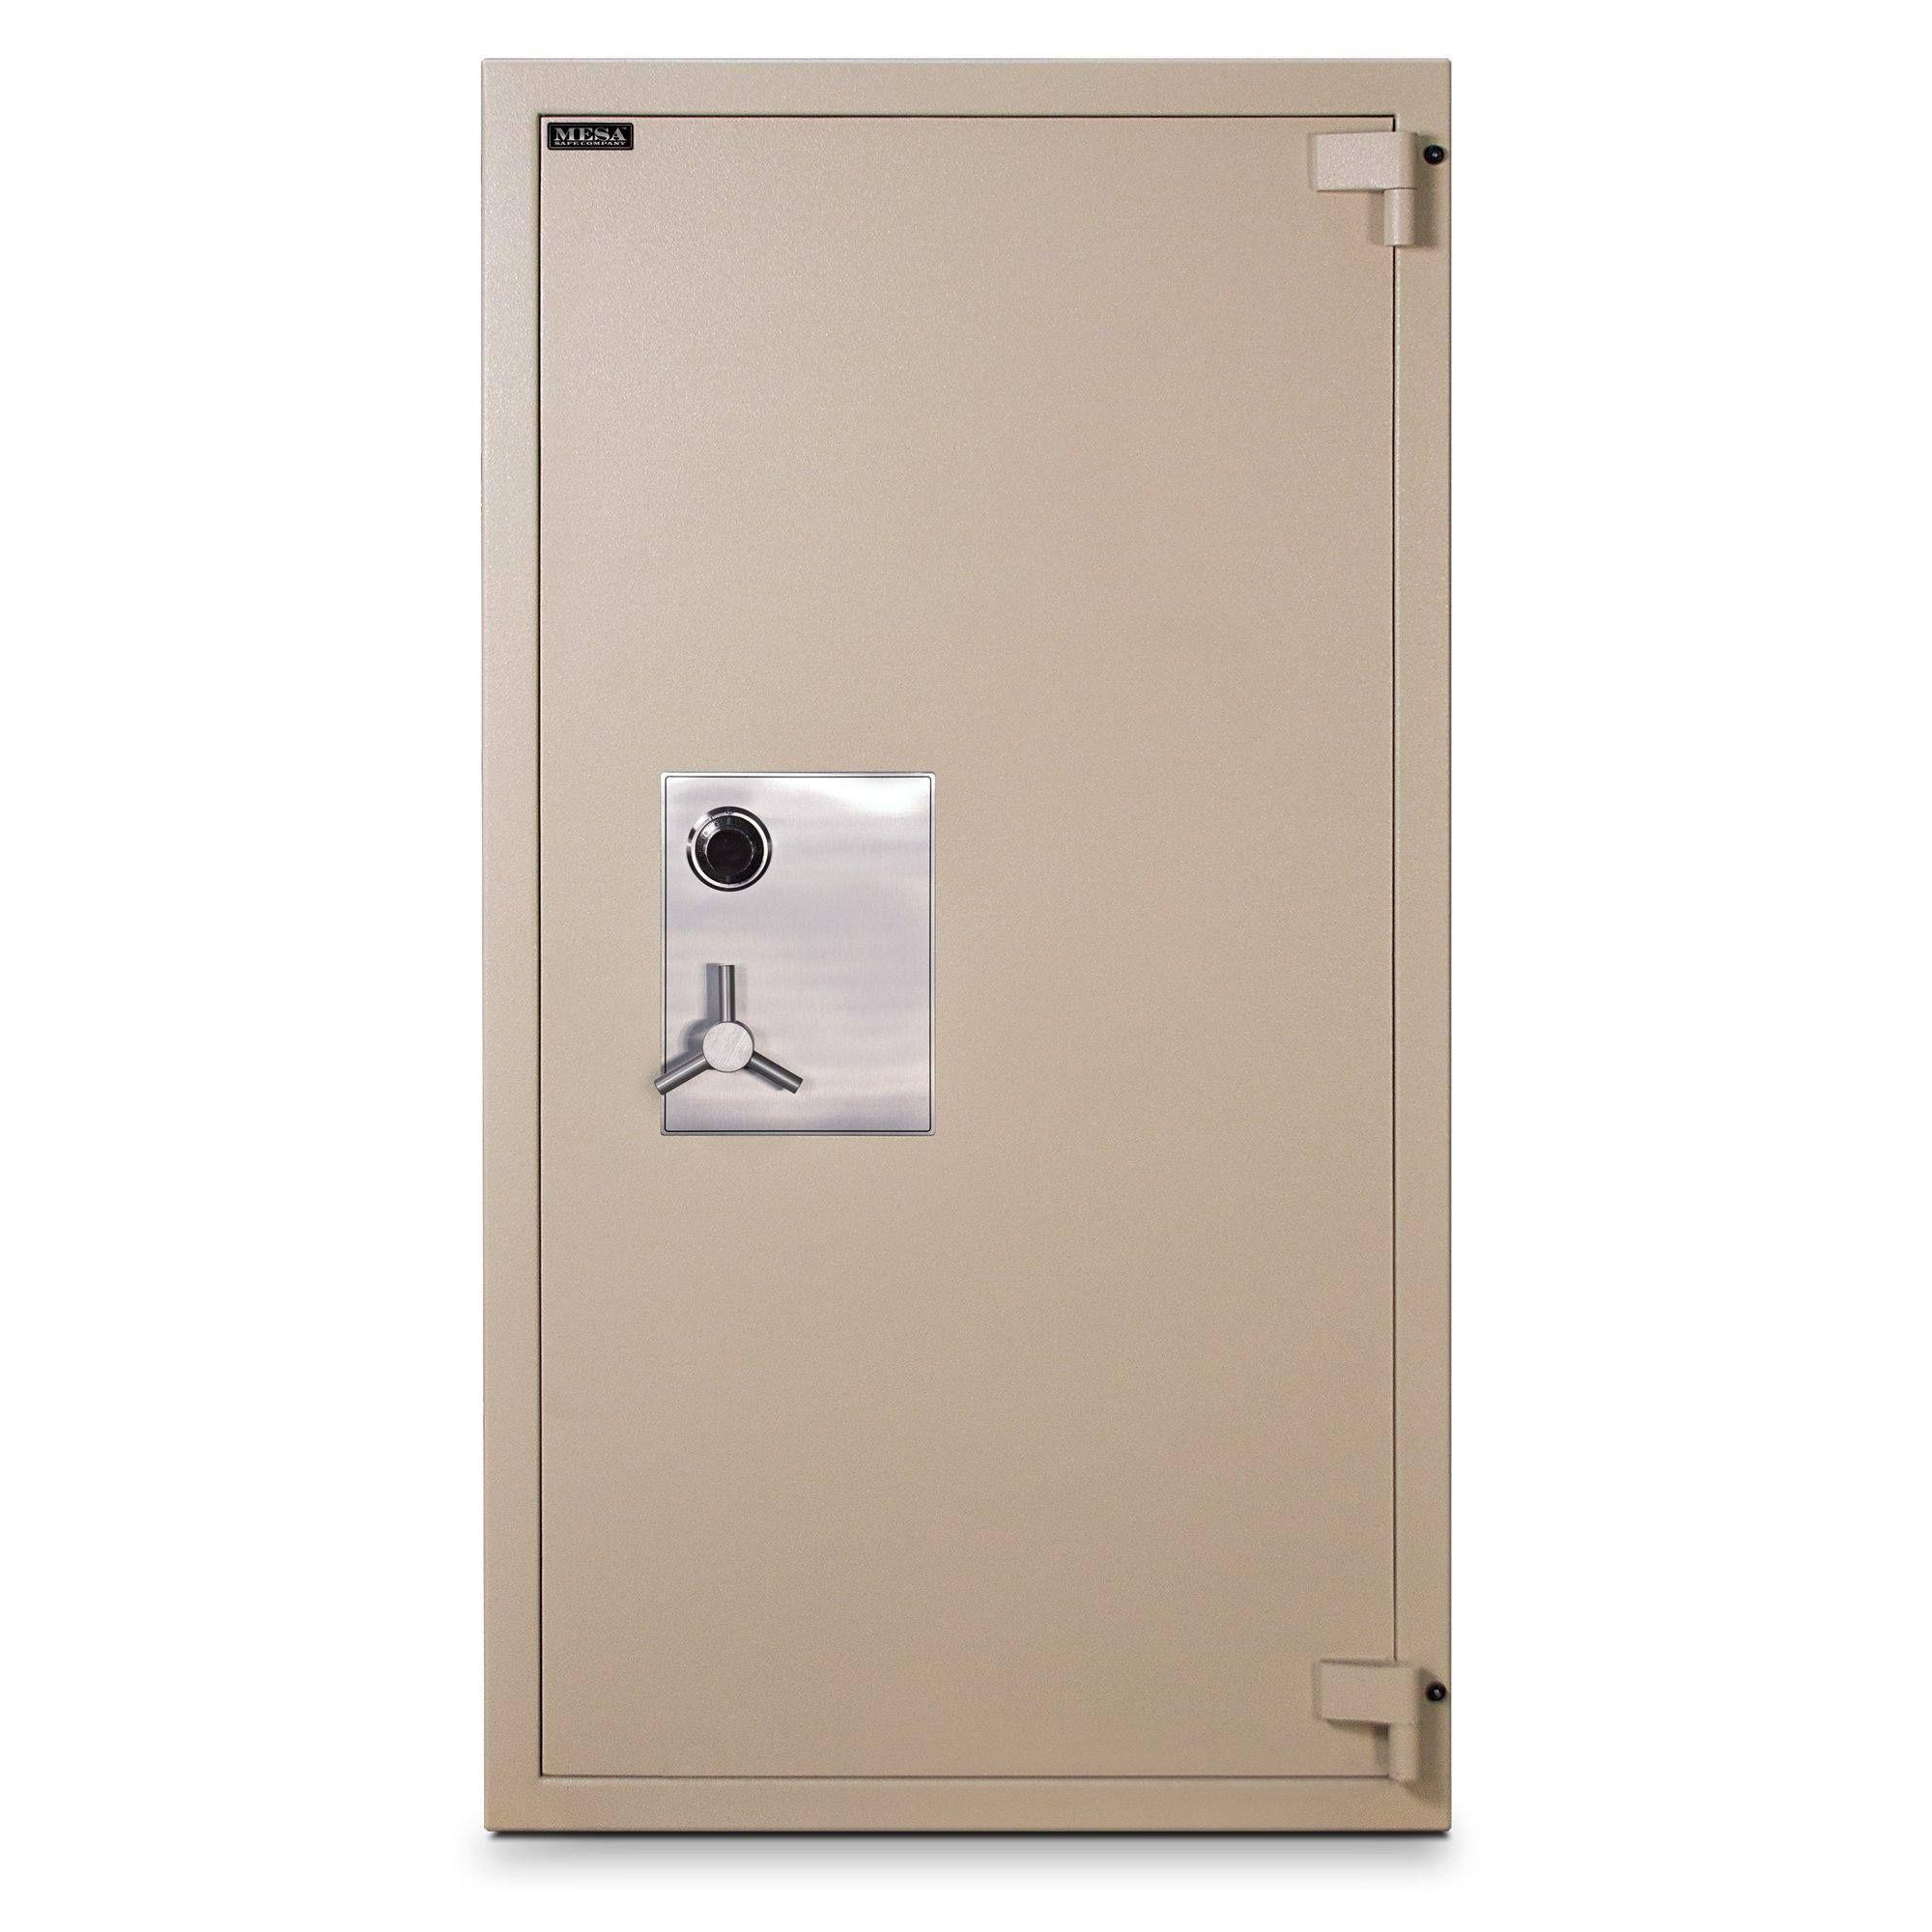 Flash Sale Socal Bridgeman F Series Tl 30 Plate Steel Safe F 3838 Usa Safe Vault In 2020 Safe Vault Adjustable Shelving Safe Company